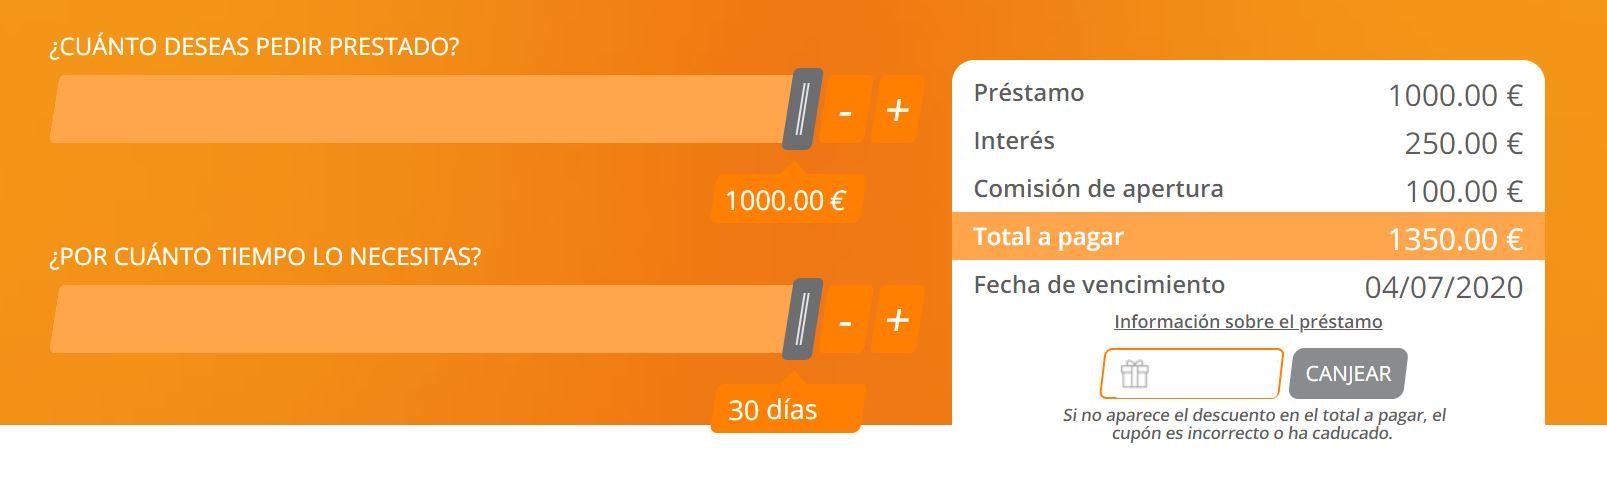 En wallet adviser encontrarás todos los préstamos 1000 del mercado.